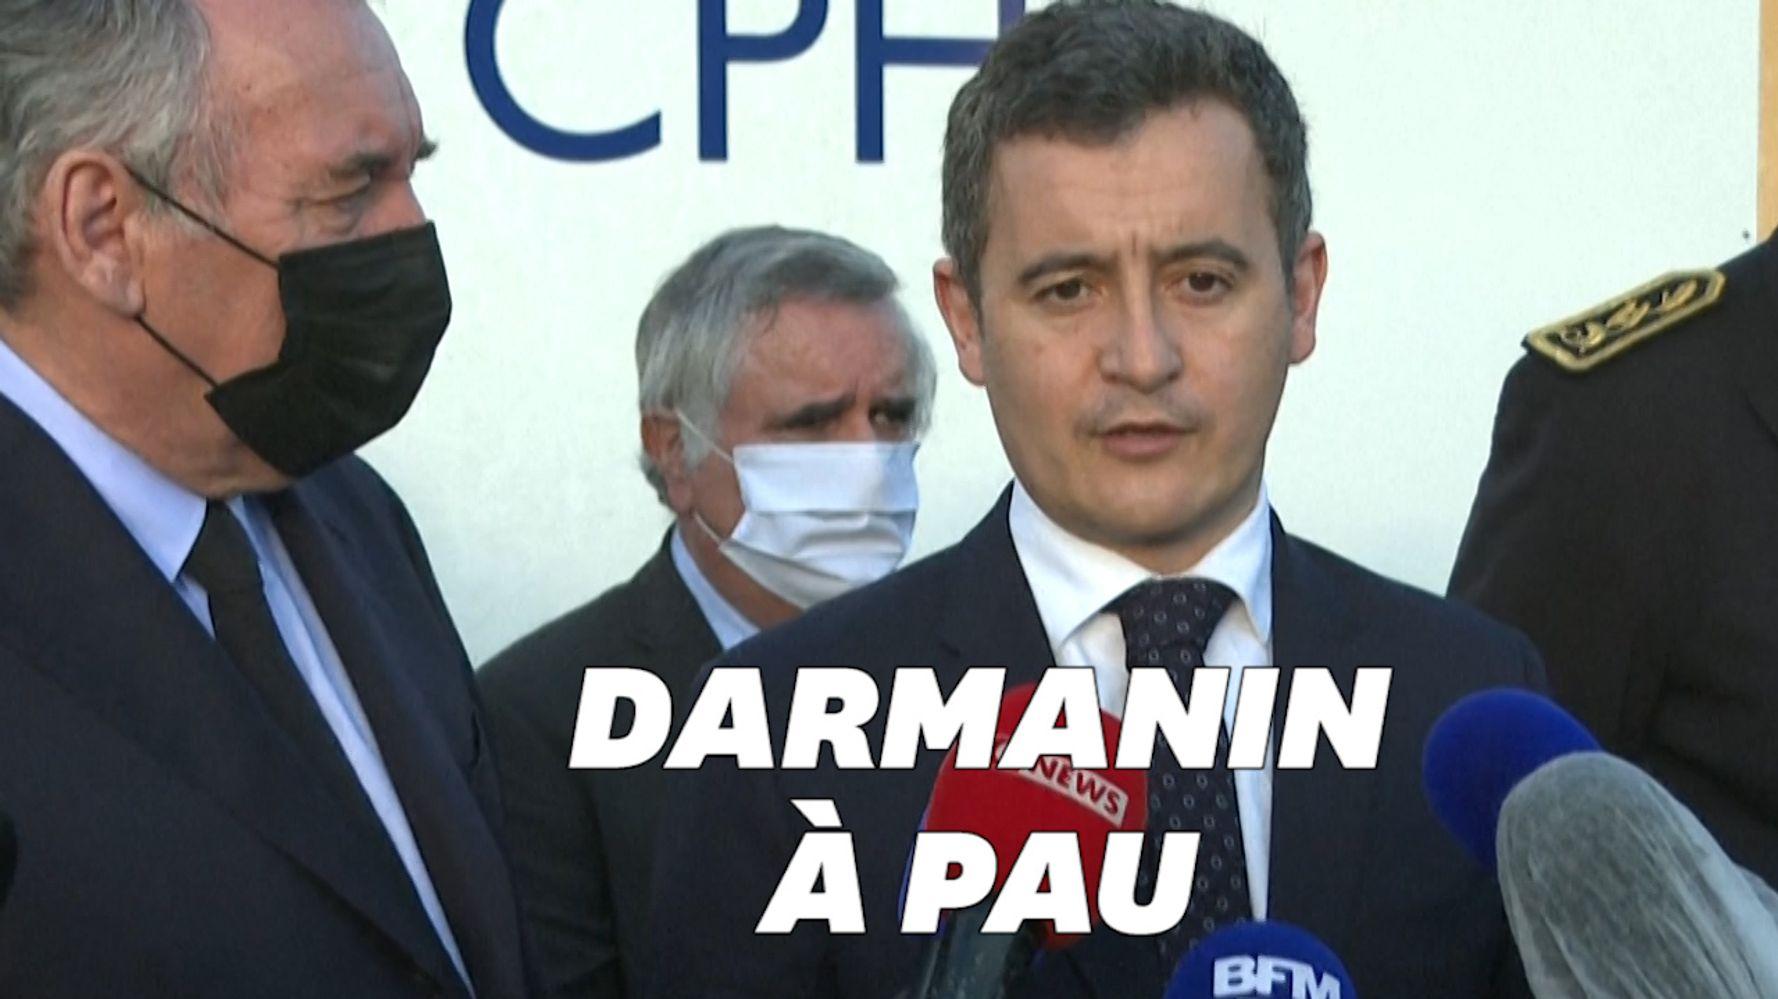 À Pau, Gérald Darmanin dit